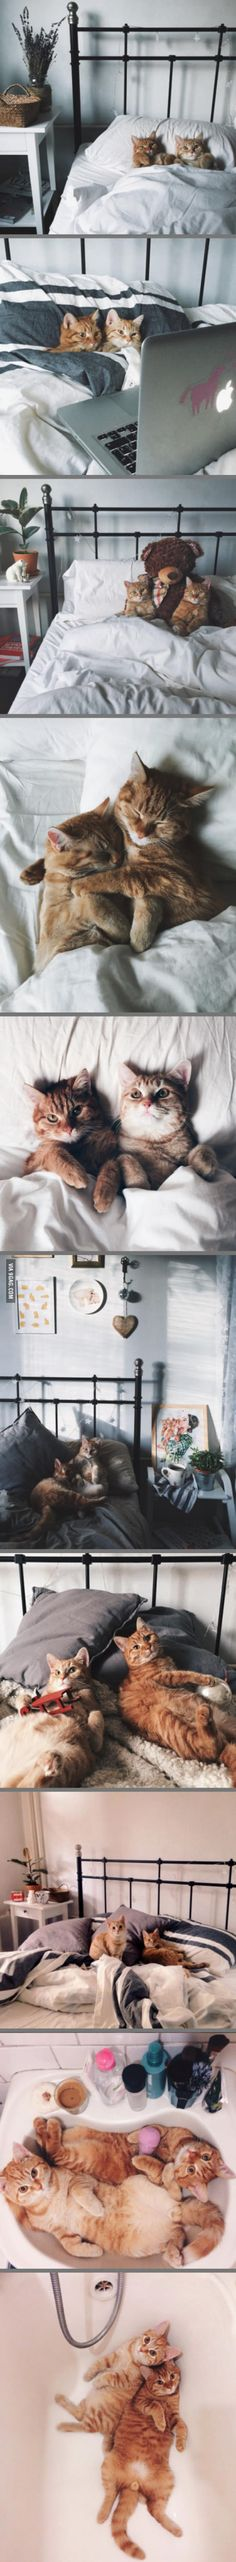 Cat bros